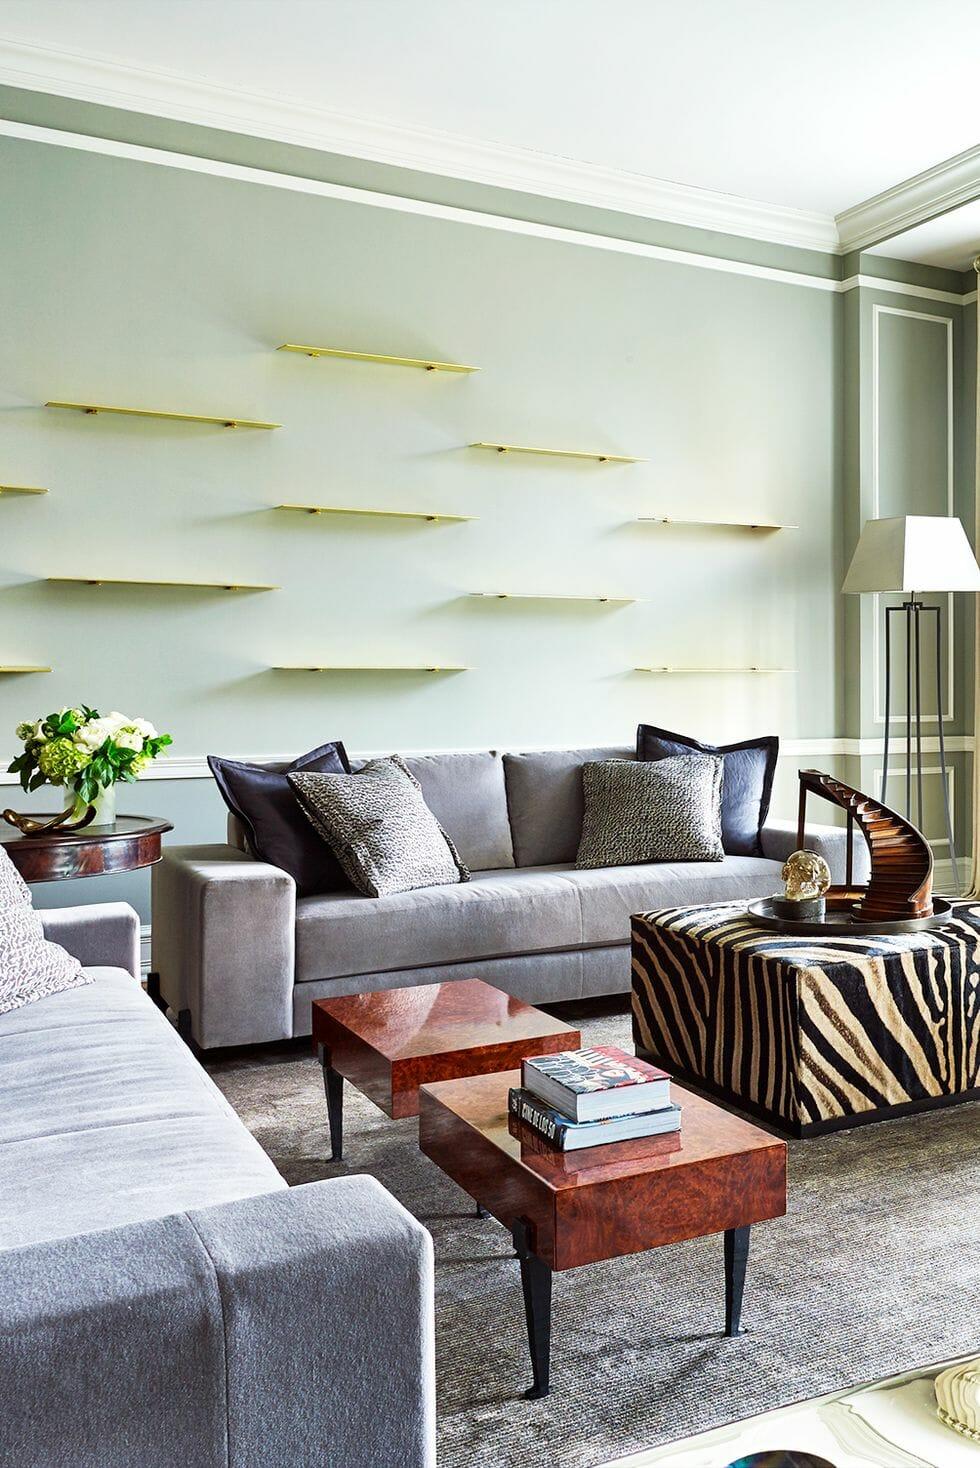 hình ảnh phòng khách hiện đại với sofa xám, bàn trà bọc vải họa tiết ngựa vằn, hệ kệ nổi gắn tường